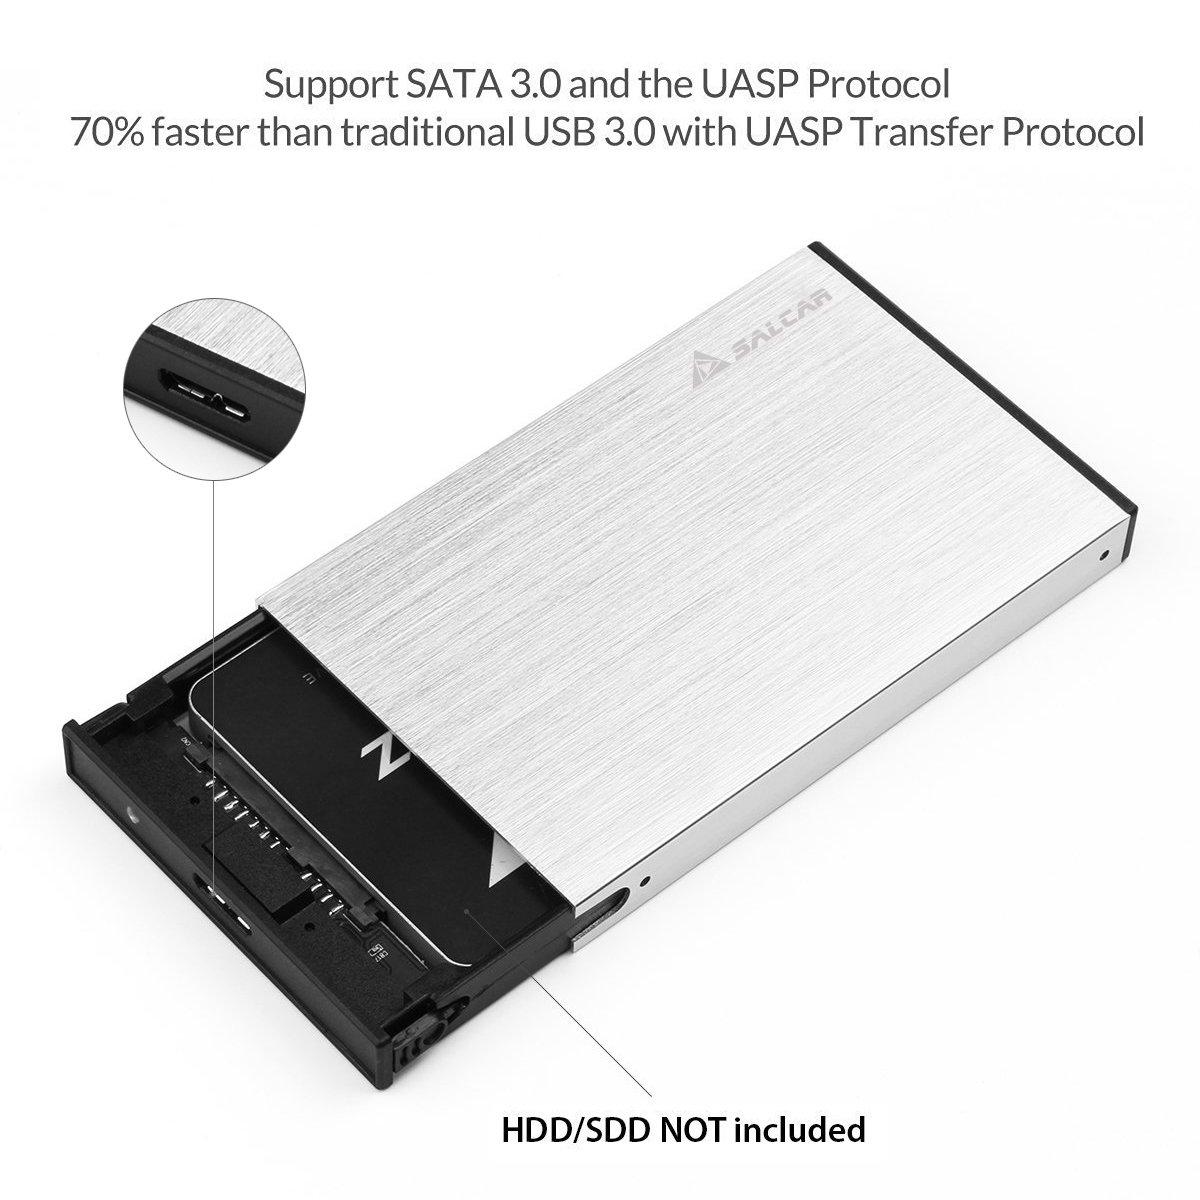 Compatible avec Windows 2000 // XP // Vista // 7//8 Noir Salcar Aluminium USB 3.0 Bo/îtier externe pour disque dur /Étui 9,5mm 7mm SSD 2,5 SATA-I II III HDD avec USB3.0 c/âble Mac OS 9.1//10.8.4 UASP optimis/é pour SSD